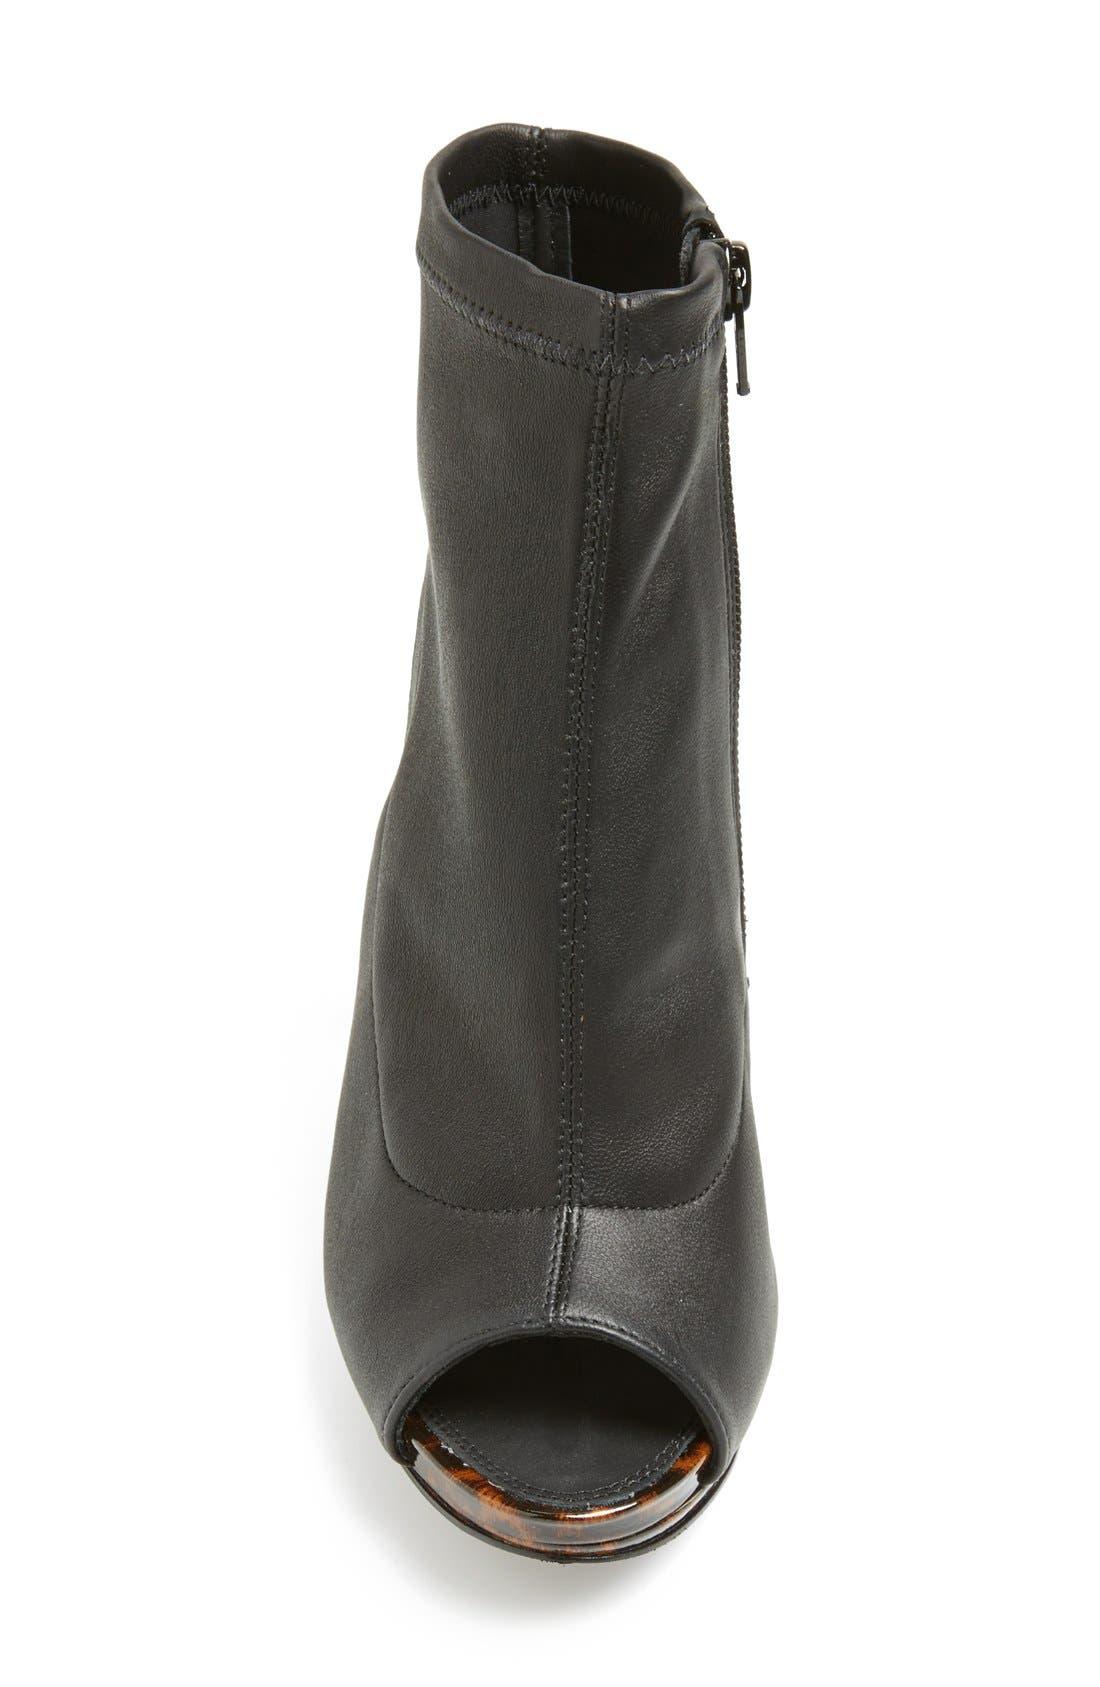 Alternate Image 3  - Diane von Furstenberg 'Armara' Peep Toe Stretch Leather Bootie (Women)